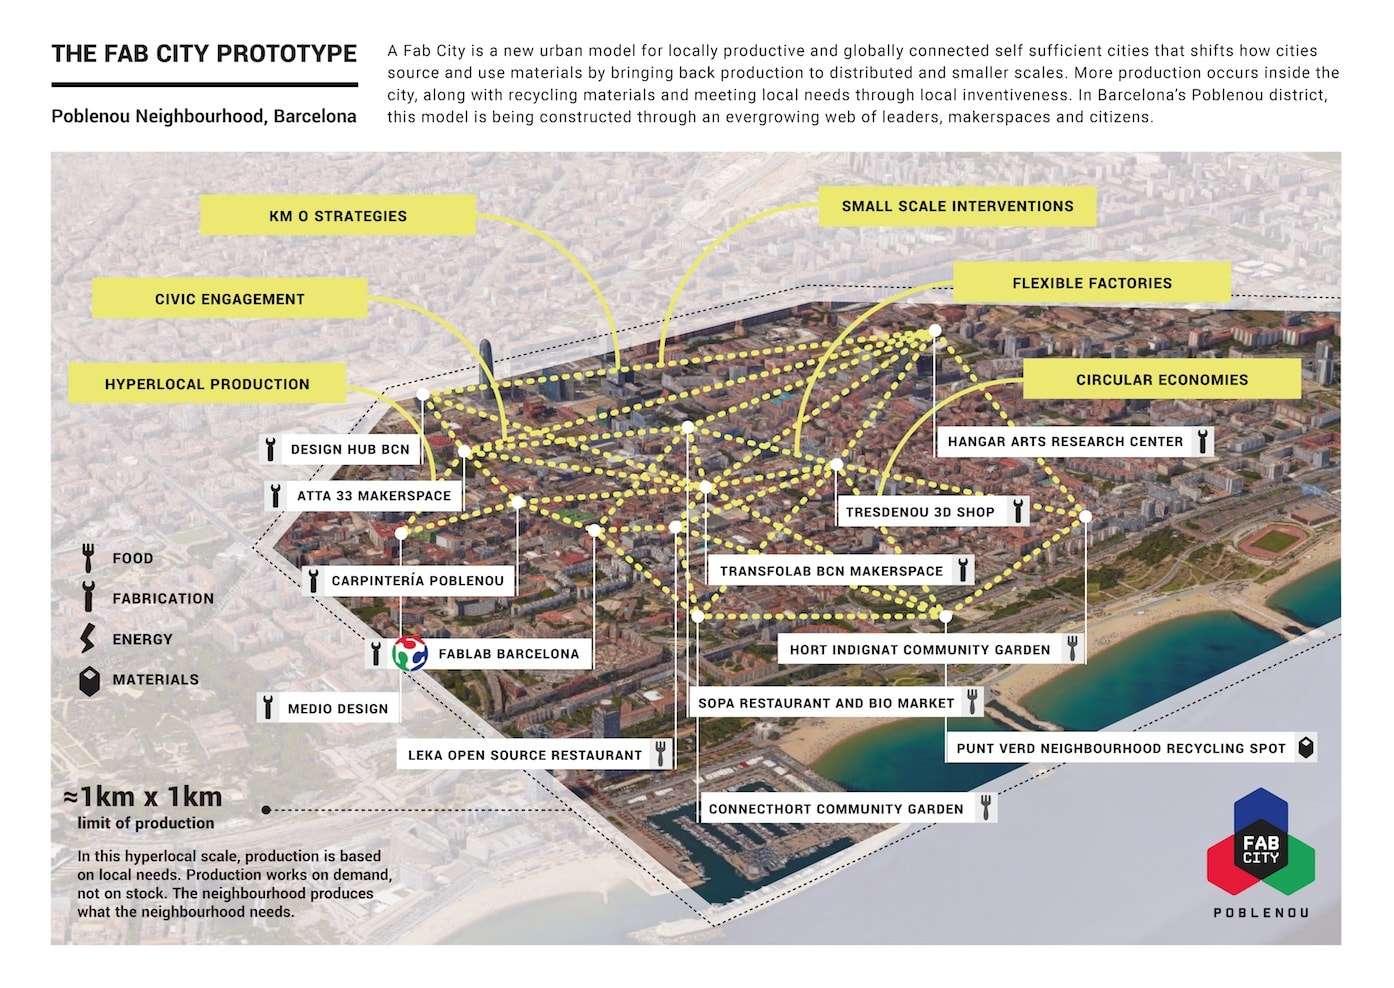 A iniciativa Fab City visa criar cidades auto-suficientes através da colaboração efabricação digital stylo urbano-2